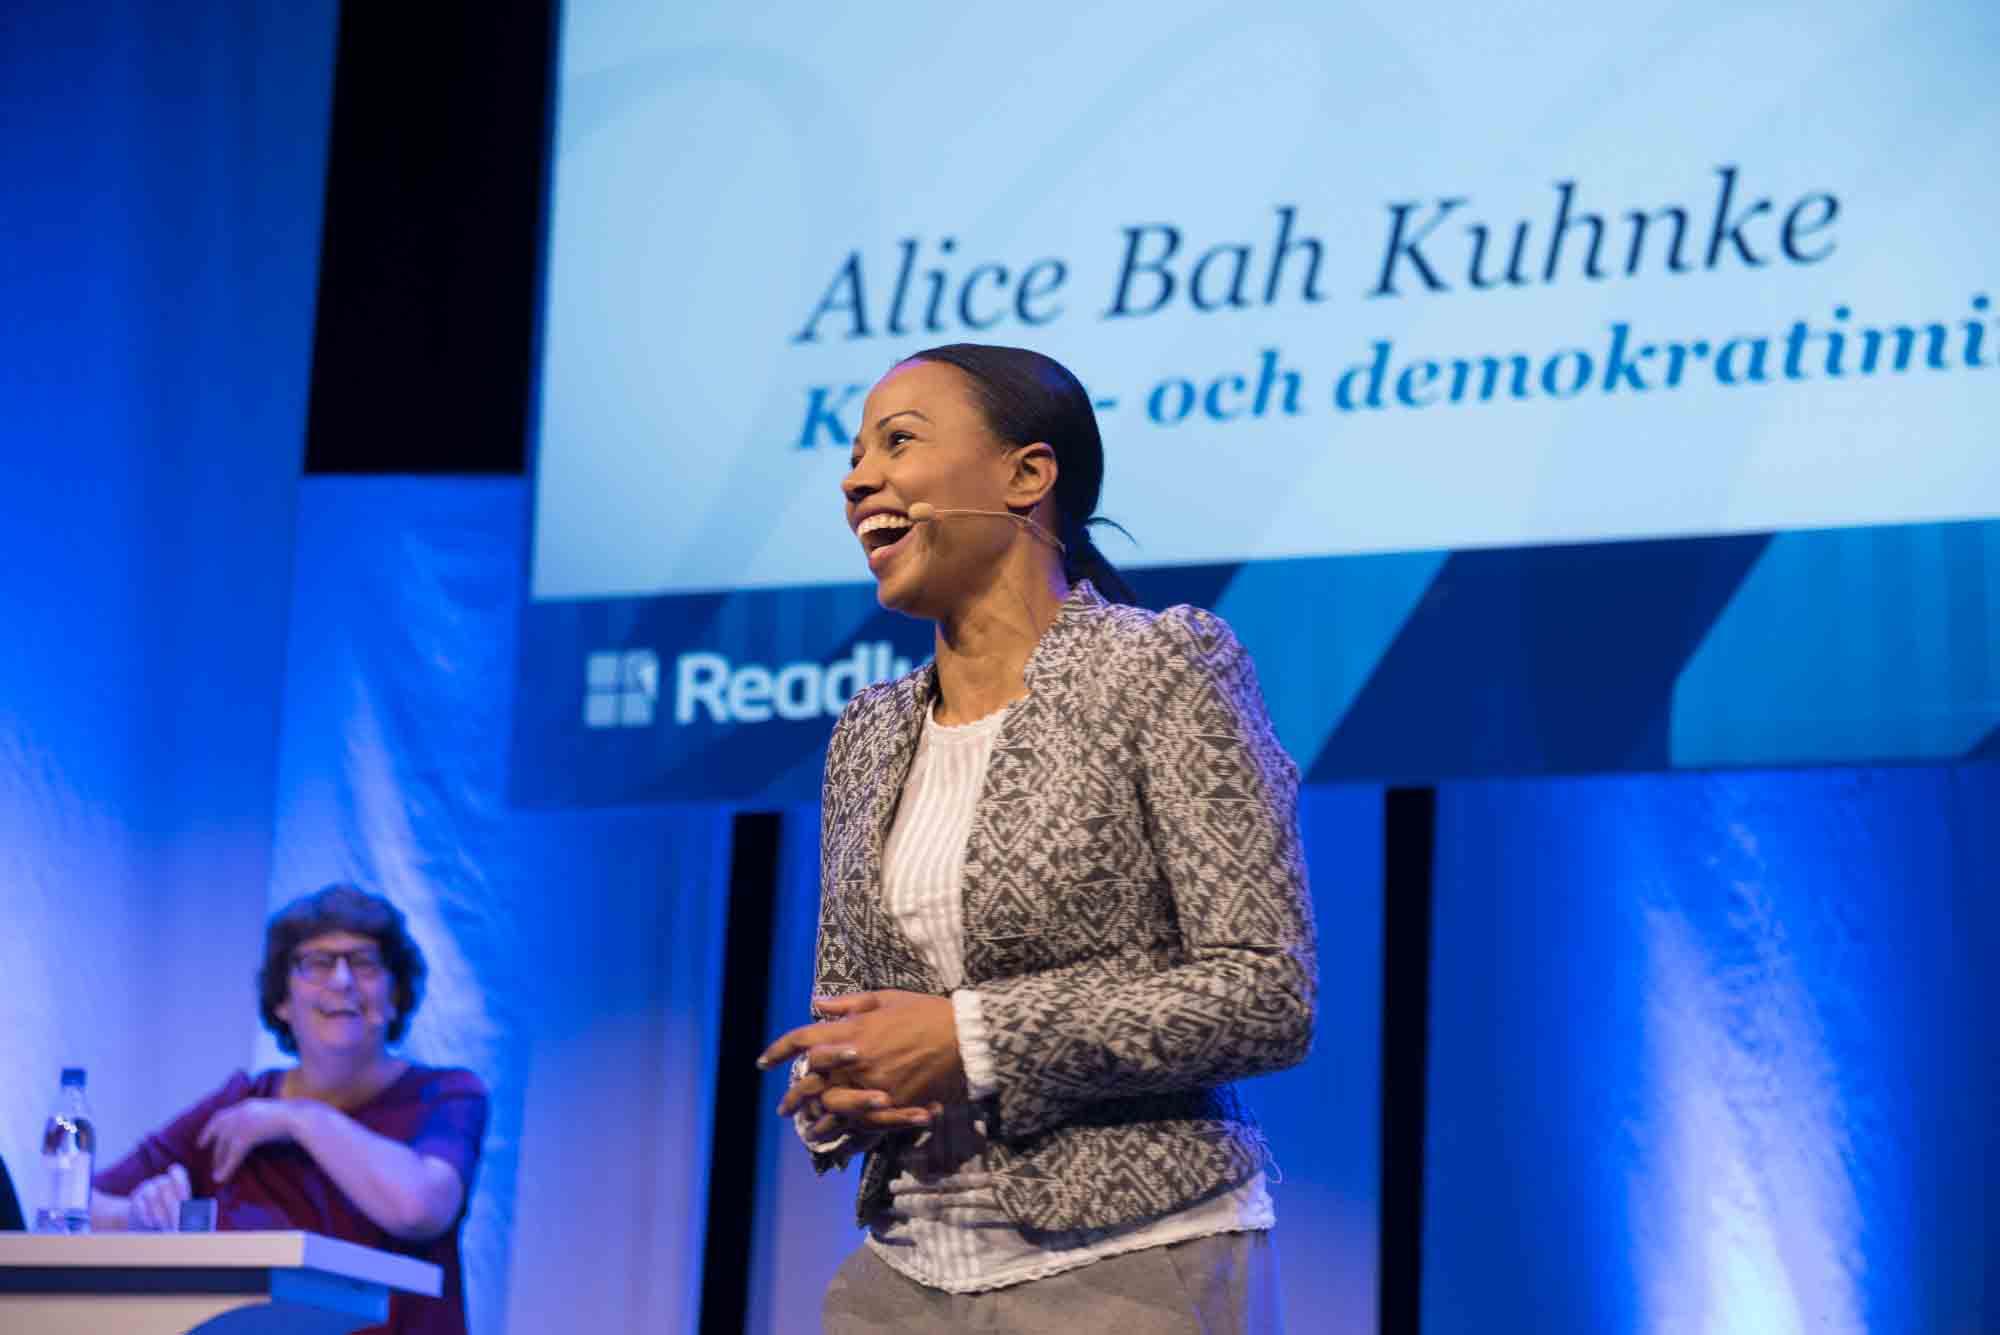 Alica Bah Kuhnke, kultur- och demokratiminister. Foto: Anette Persson